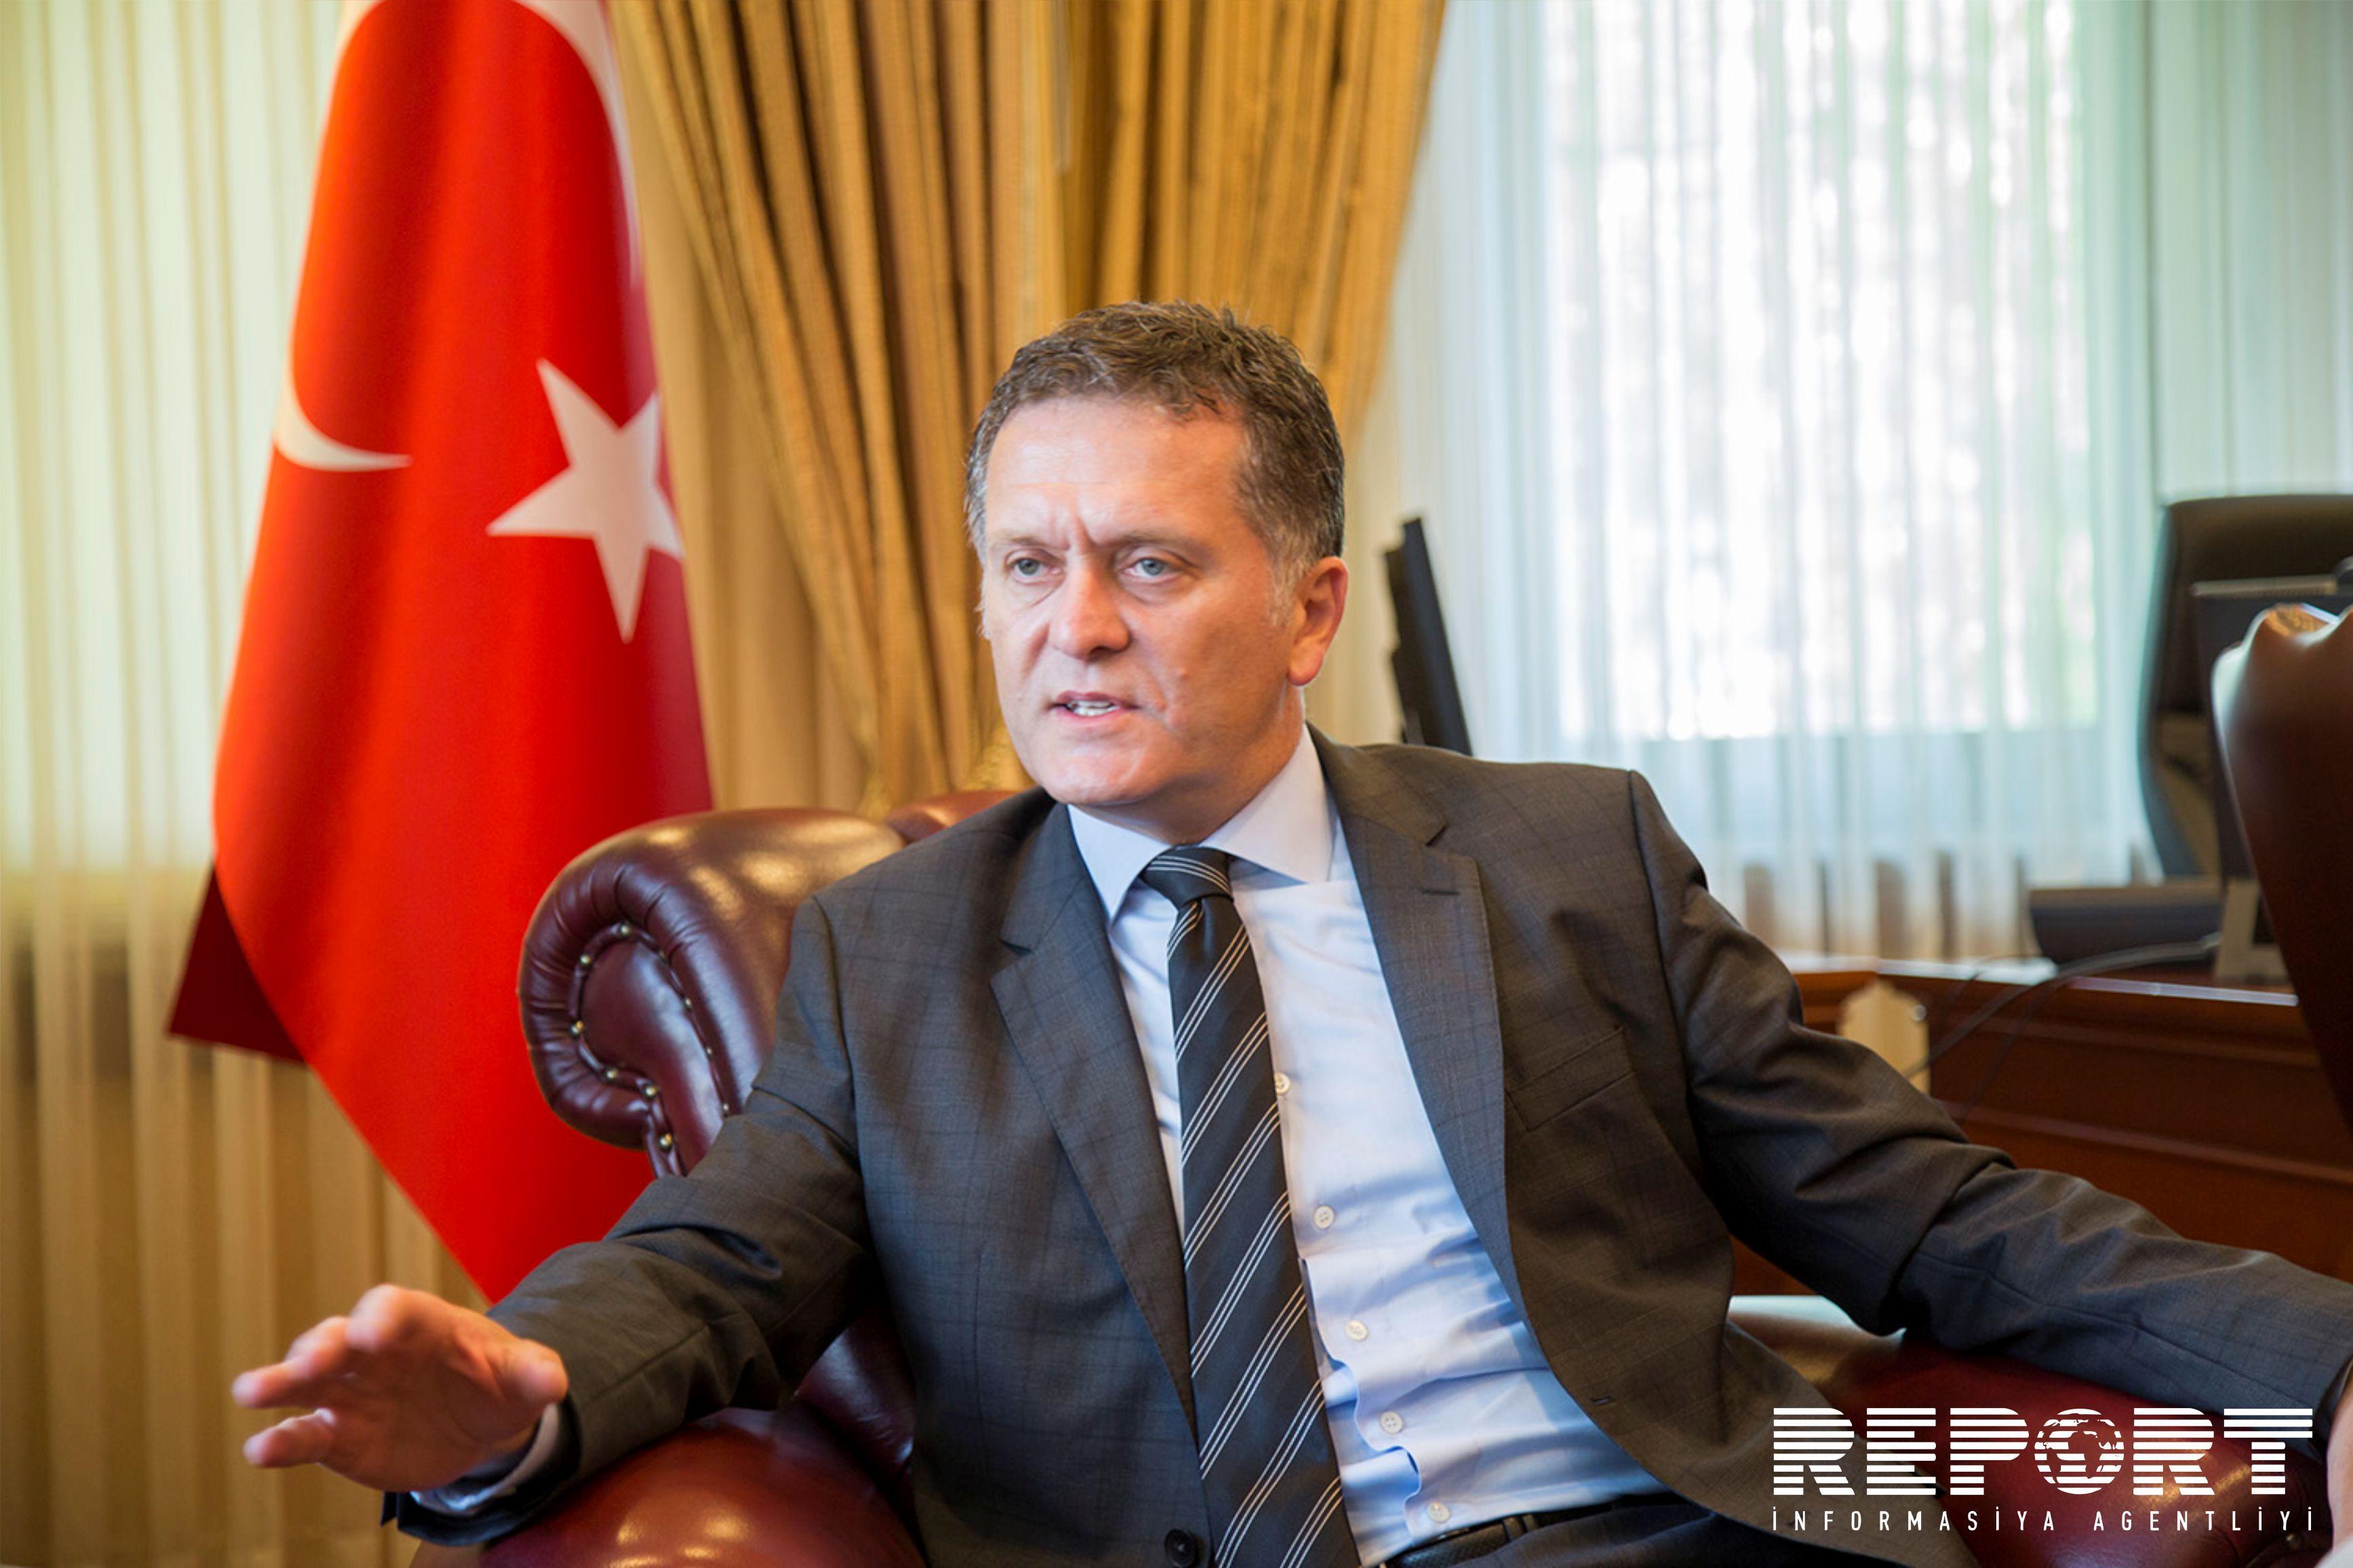 Исмаил Алпер Джошгун: Азербайджан сыграл большую роль в восстановлении турецко-российских отношений